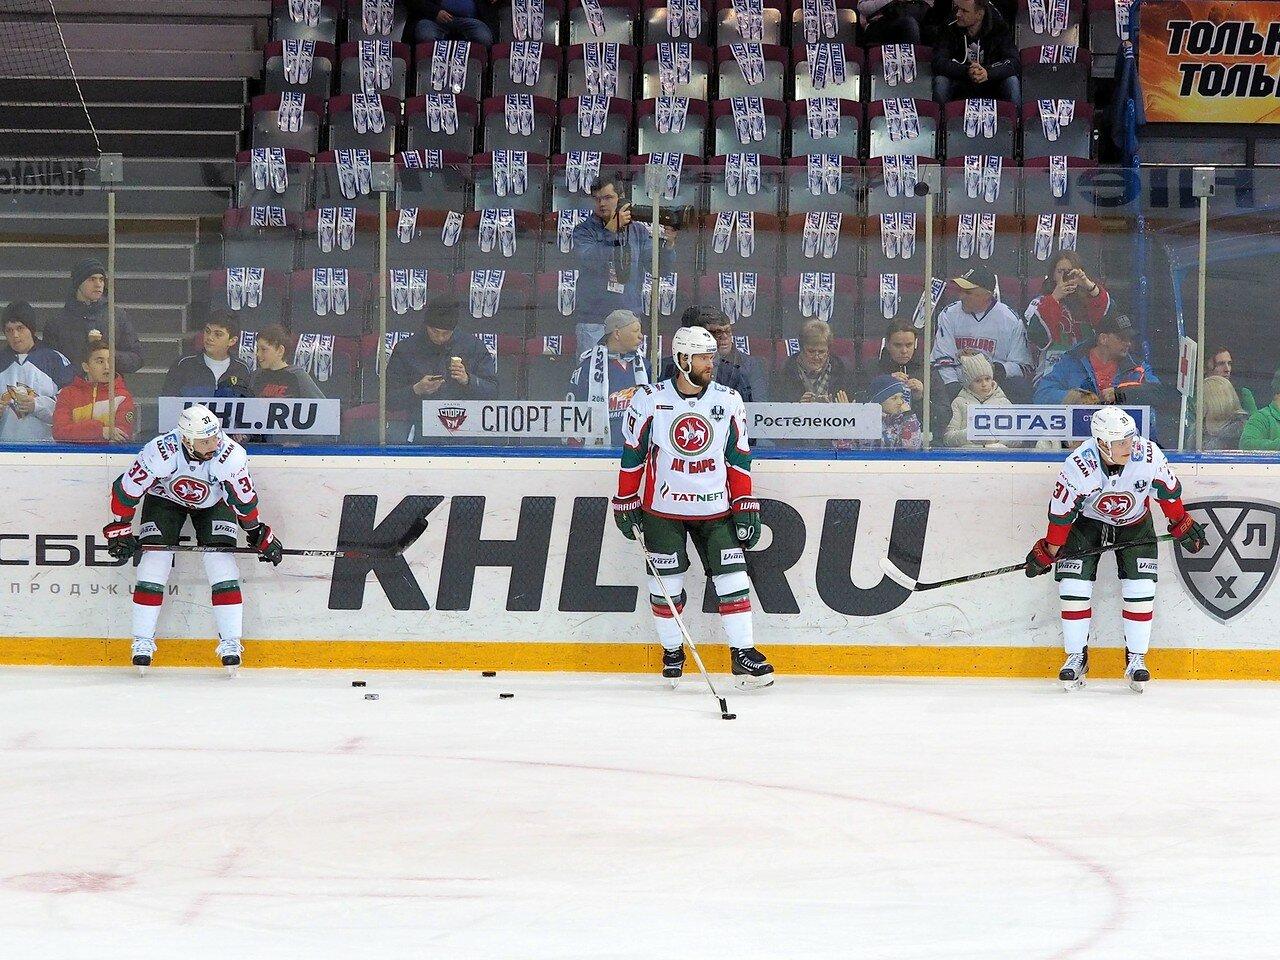 21 Первая игра финала плей-офф восточной конференции 2017 Металлург - АкБарс 24.03.2017